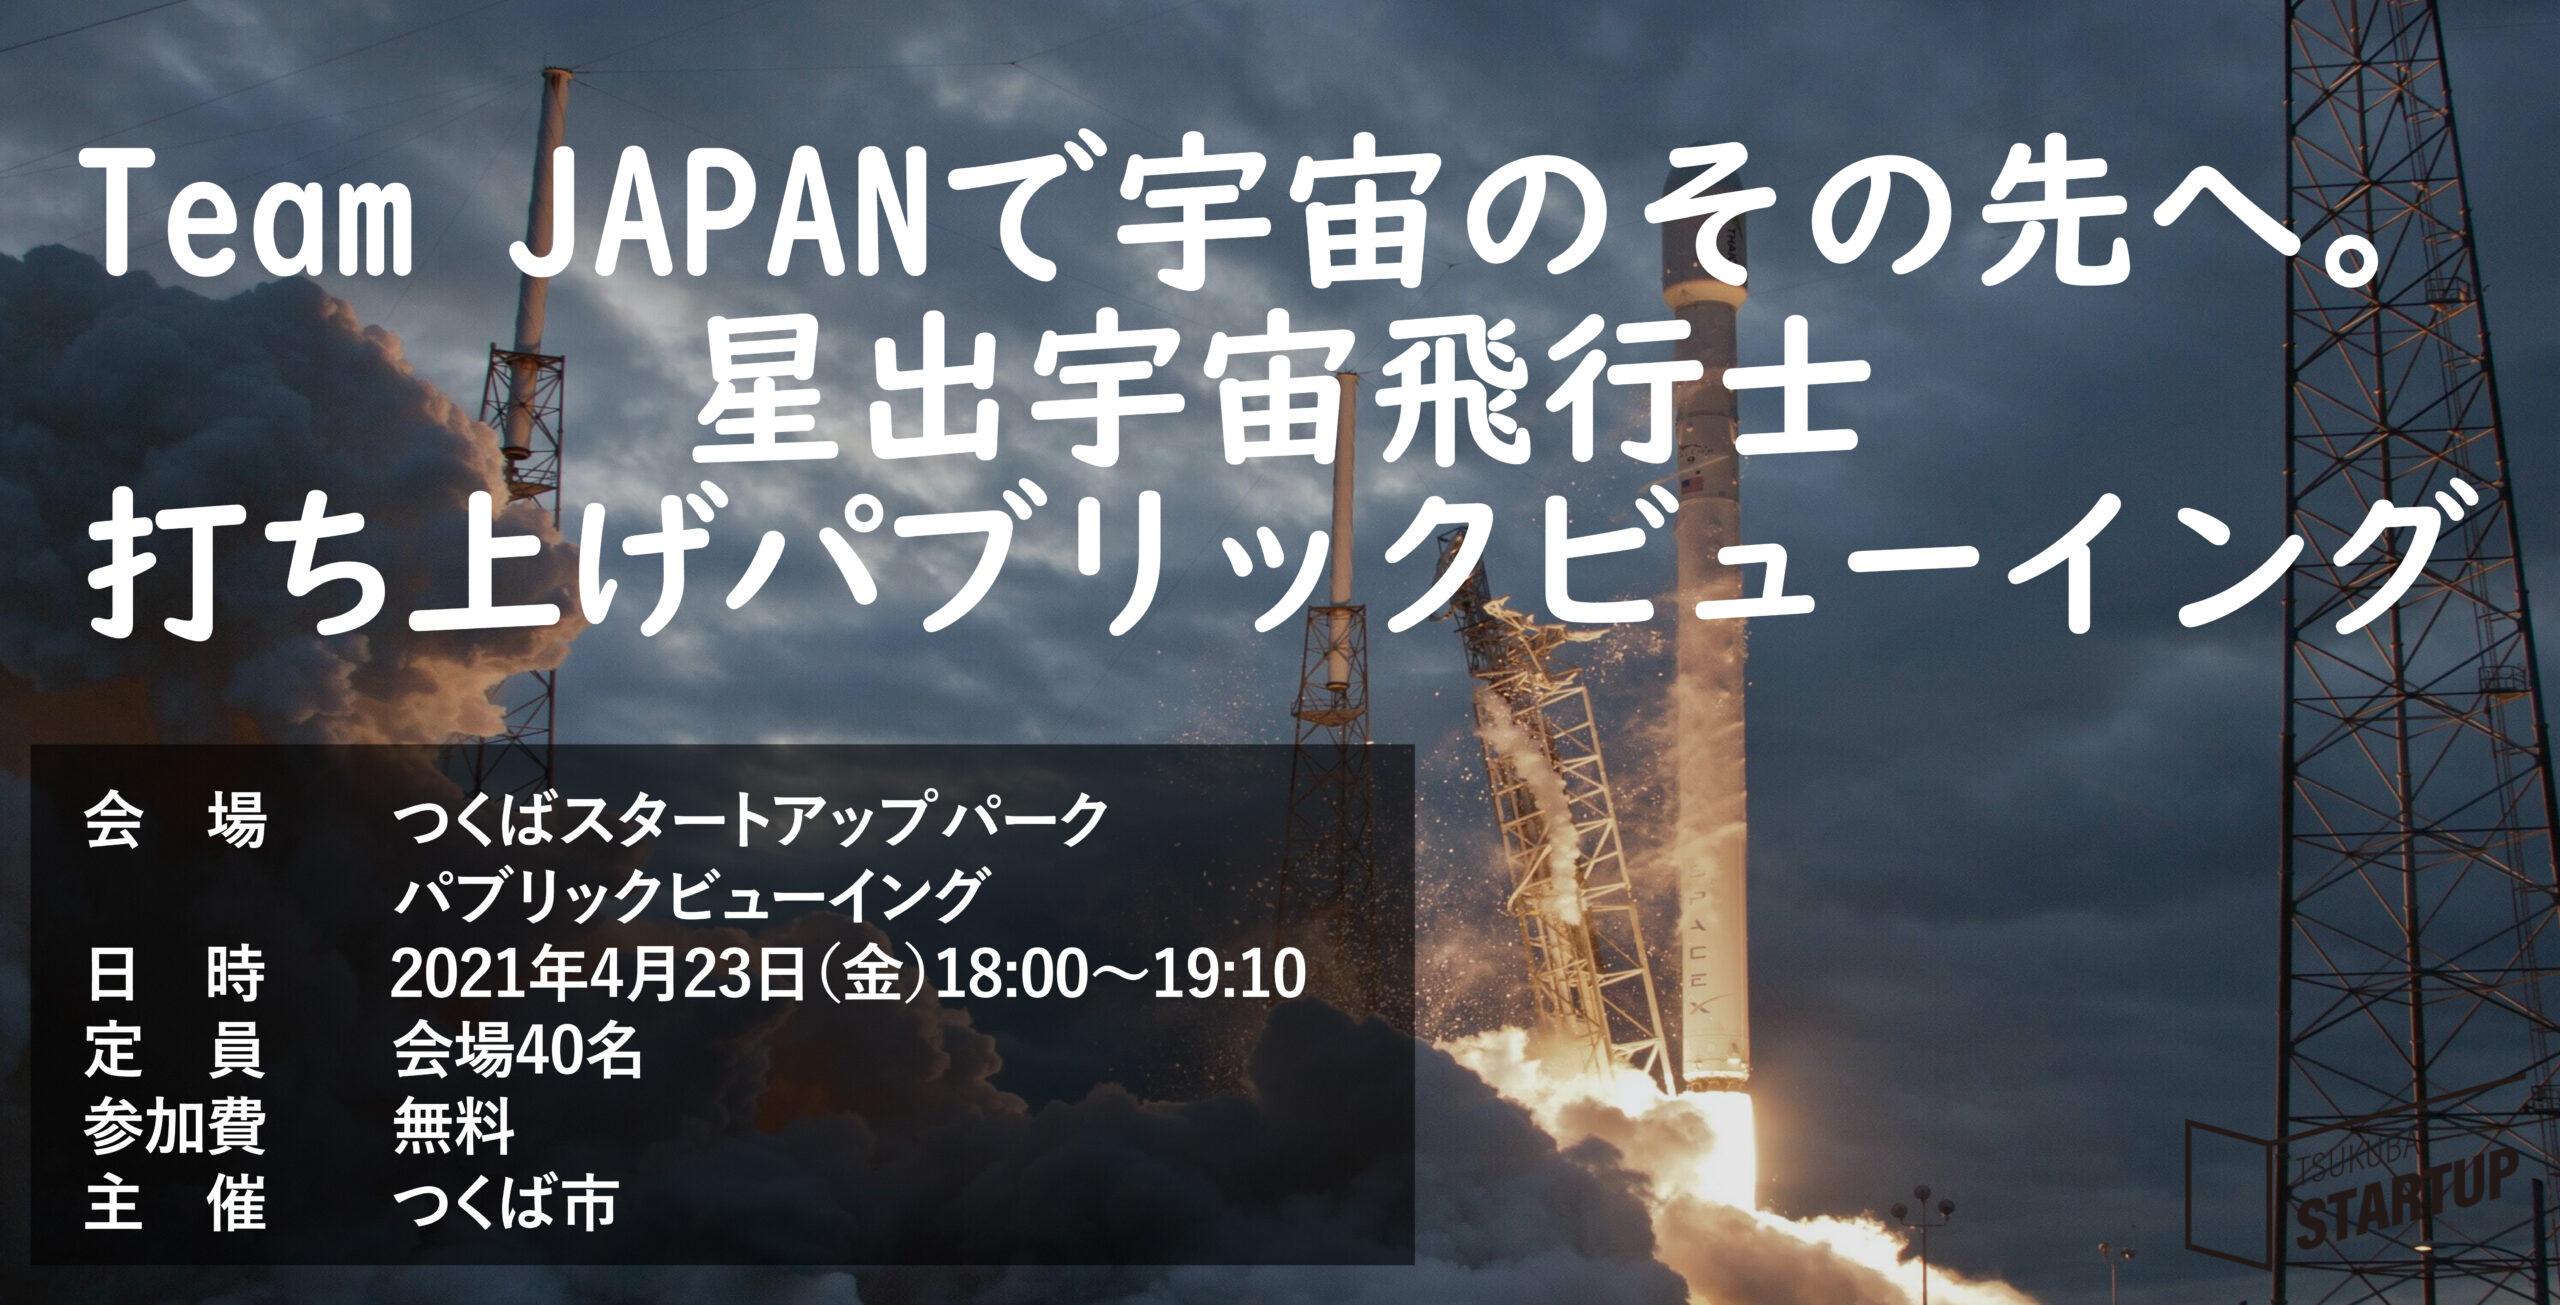 Team JAPANで宇宙のその先へ。星出宇宙飛行士 打ち上げパブリックビューイング